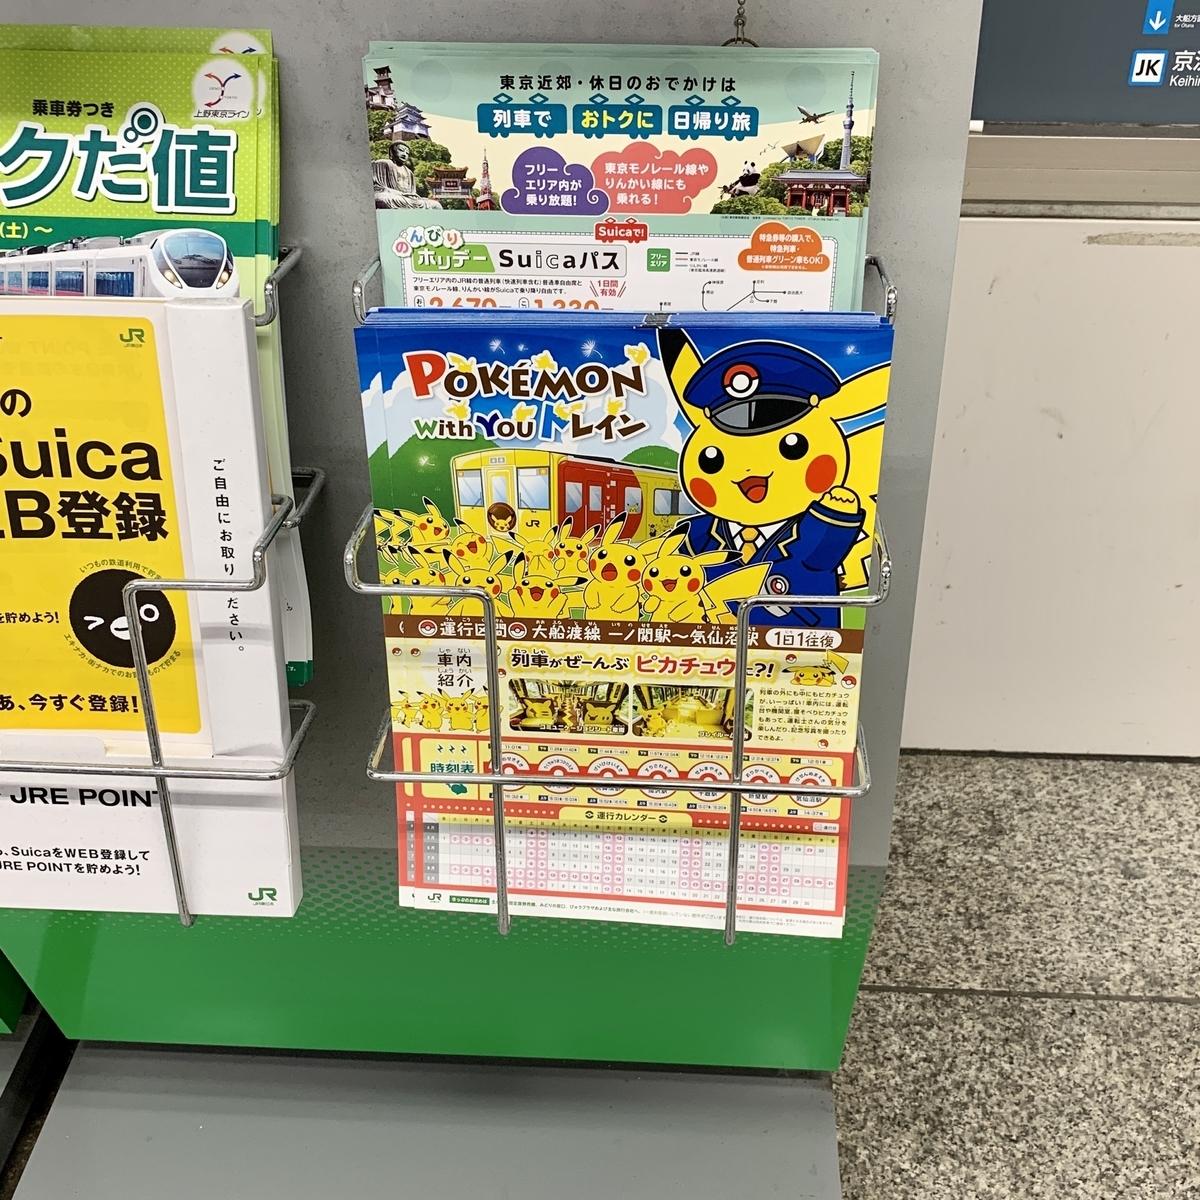 f:id:pikachu_pcn:20200716211830j:plain